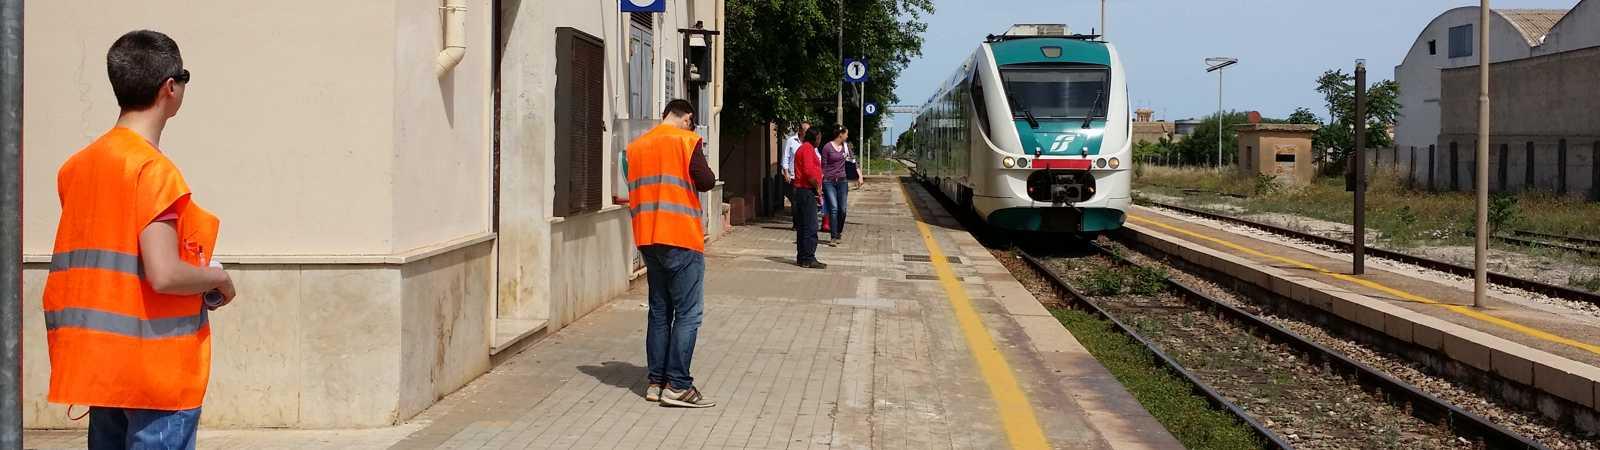 Regione Lombardia: ricerca intervistatori per indagine di customer satisfaction presso la rete ferroviaria lombarda